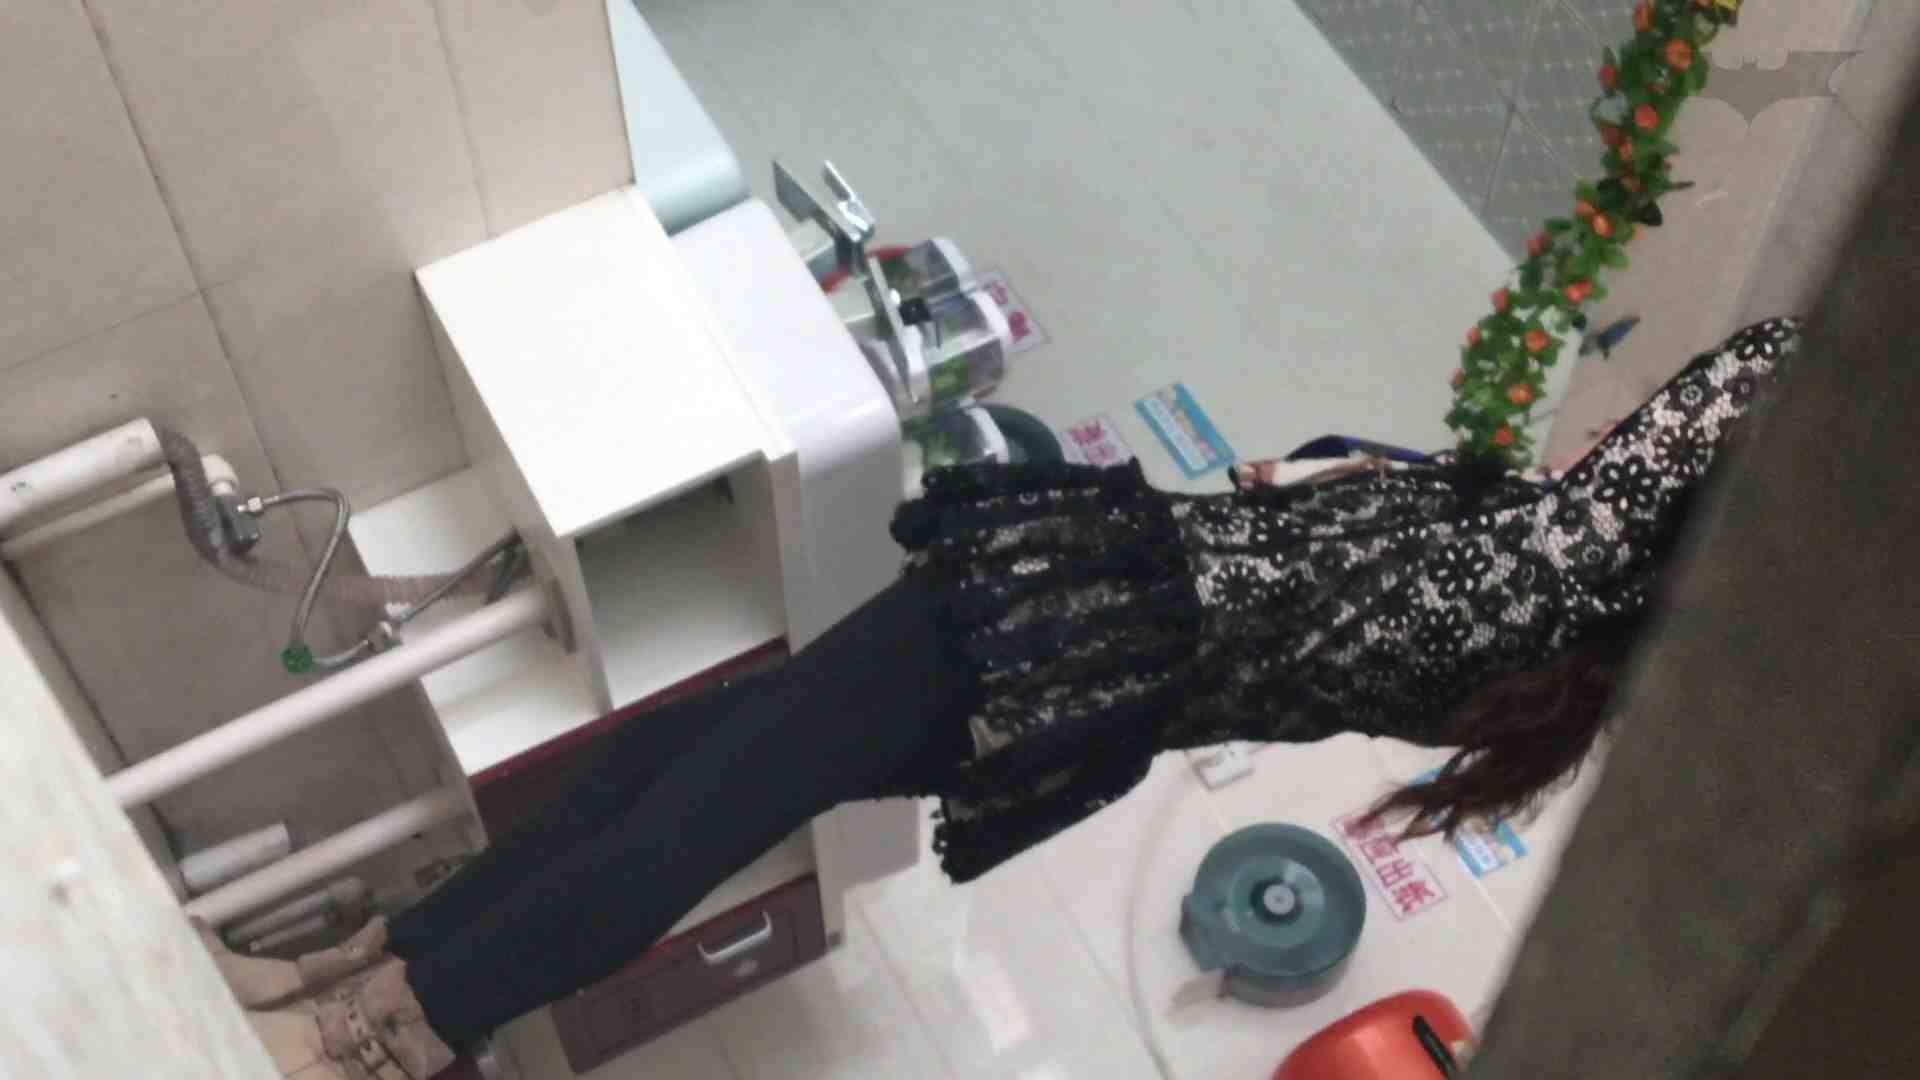 芸術大学ガチ潜入盗撮 JD盗撮 美女の洗面所の秘密 Vol.108 潜入エロ調査 | トイレ中  86連発 53